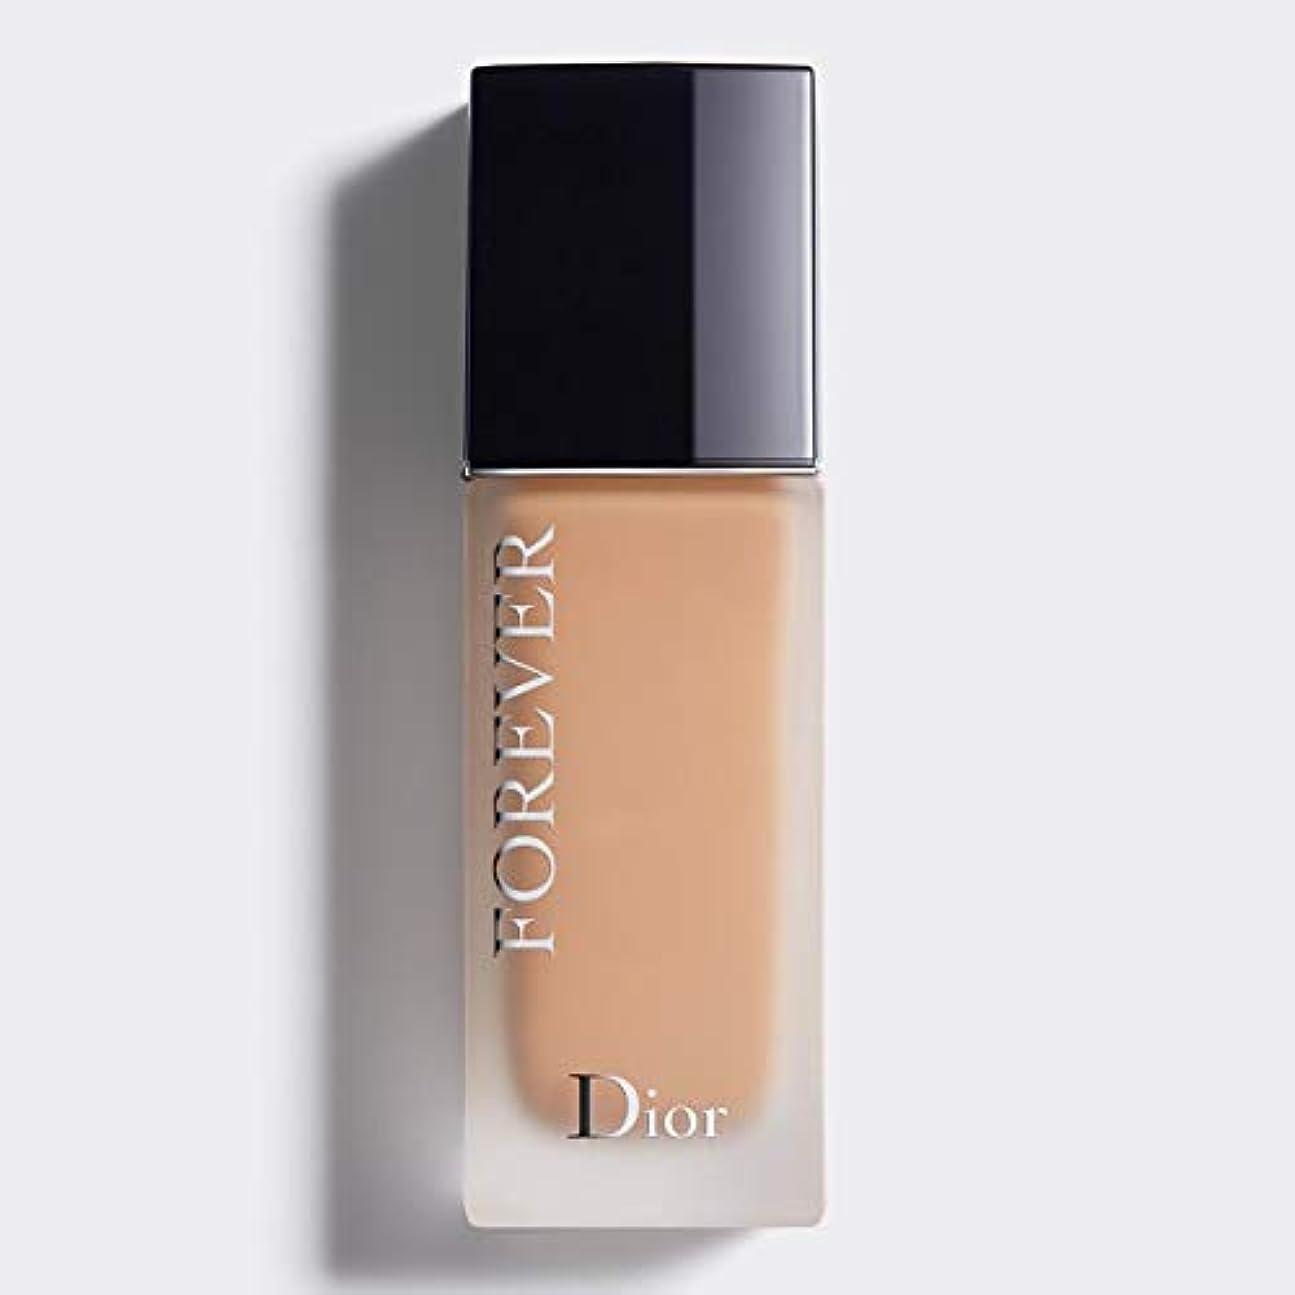 乱用寛大さ異邦人クリスチャンディオール Dior Forever 24H Wear High Perfection Foundation SPF 35 - # 3.5N (Neutral) 30ml/1oz並行輸入品